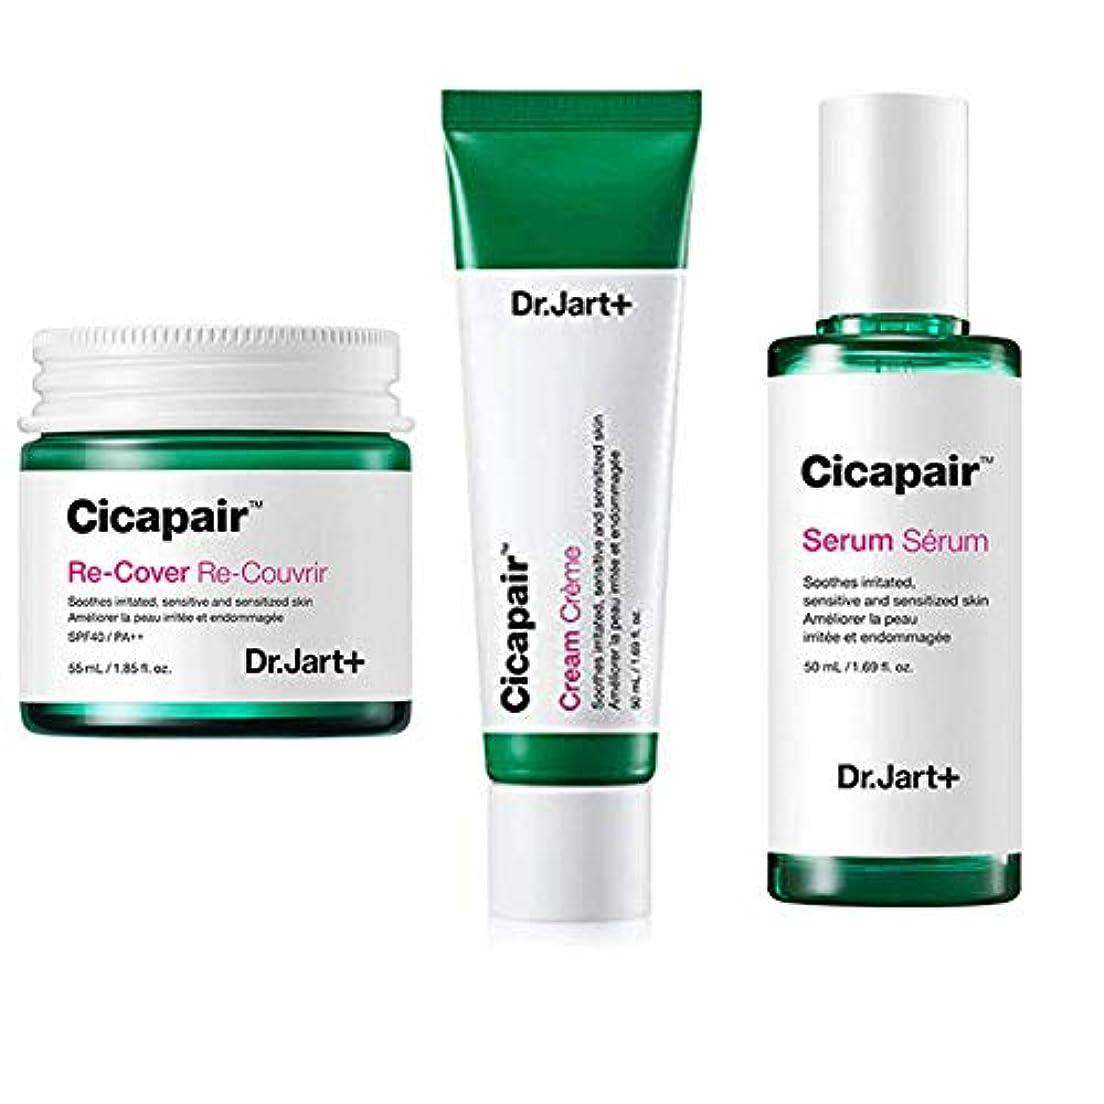 マニュアル気づくなる頭蓋骨Dr.Jart+ Cicapair Cream + ReCover + Serum ドクタージャルトシカペアクリーム50ml + リカバー 55ml + セラム 50ml(2代目) セット [並行輸入品]